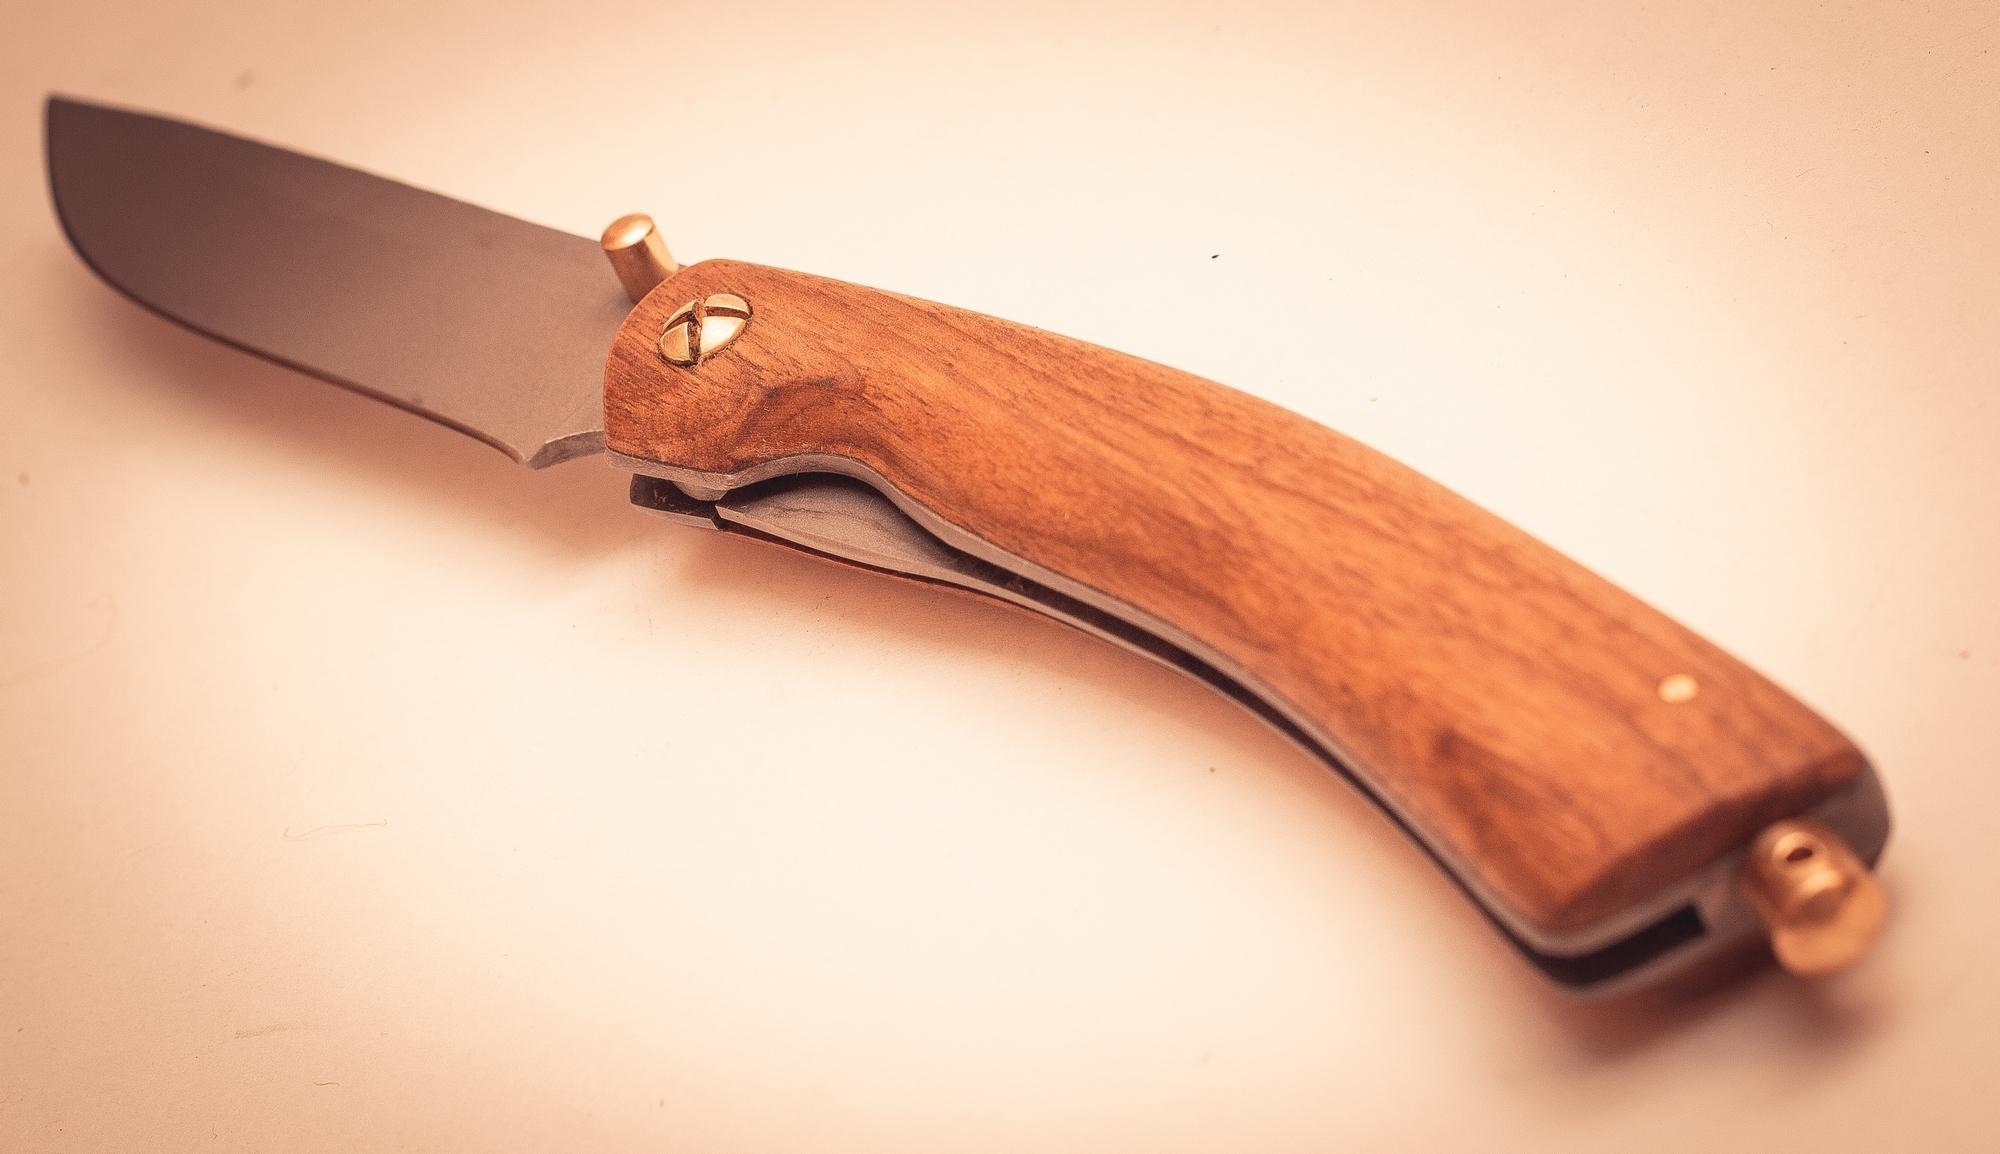 Фото 8 - Складной нож Помор, сталь 95х18, орех от Марычев